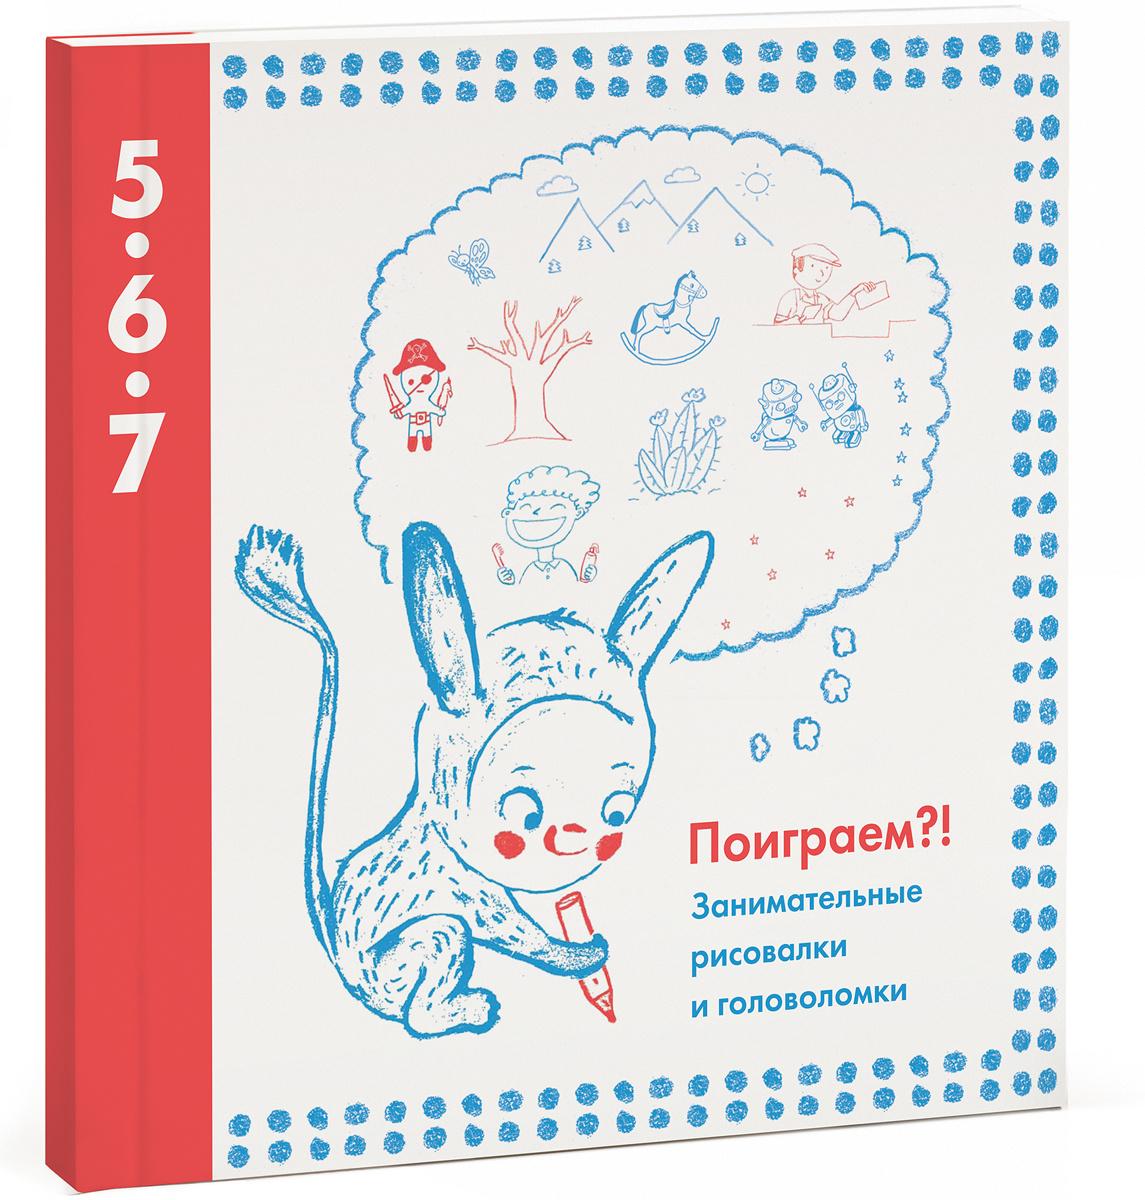 Поиграем?! Занимательные рисовалки и головоломки. Для детей от 5 до 7 лет | OKIDO  #1